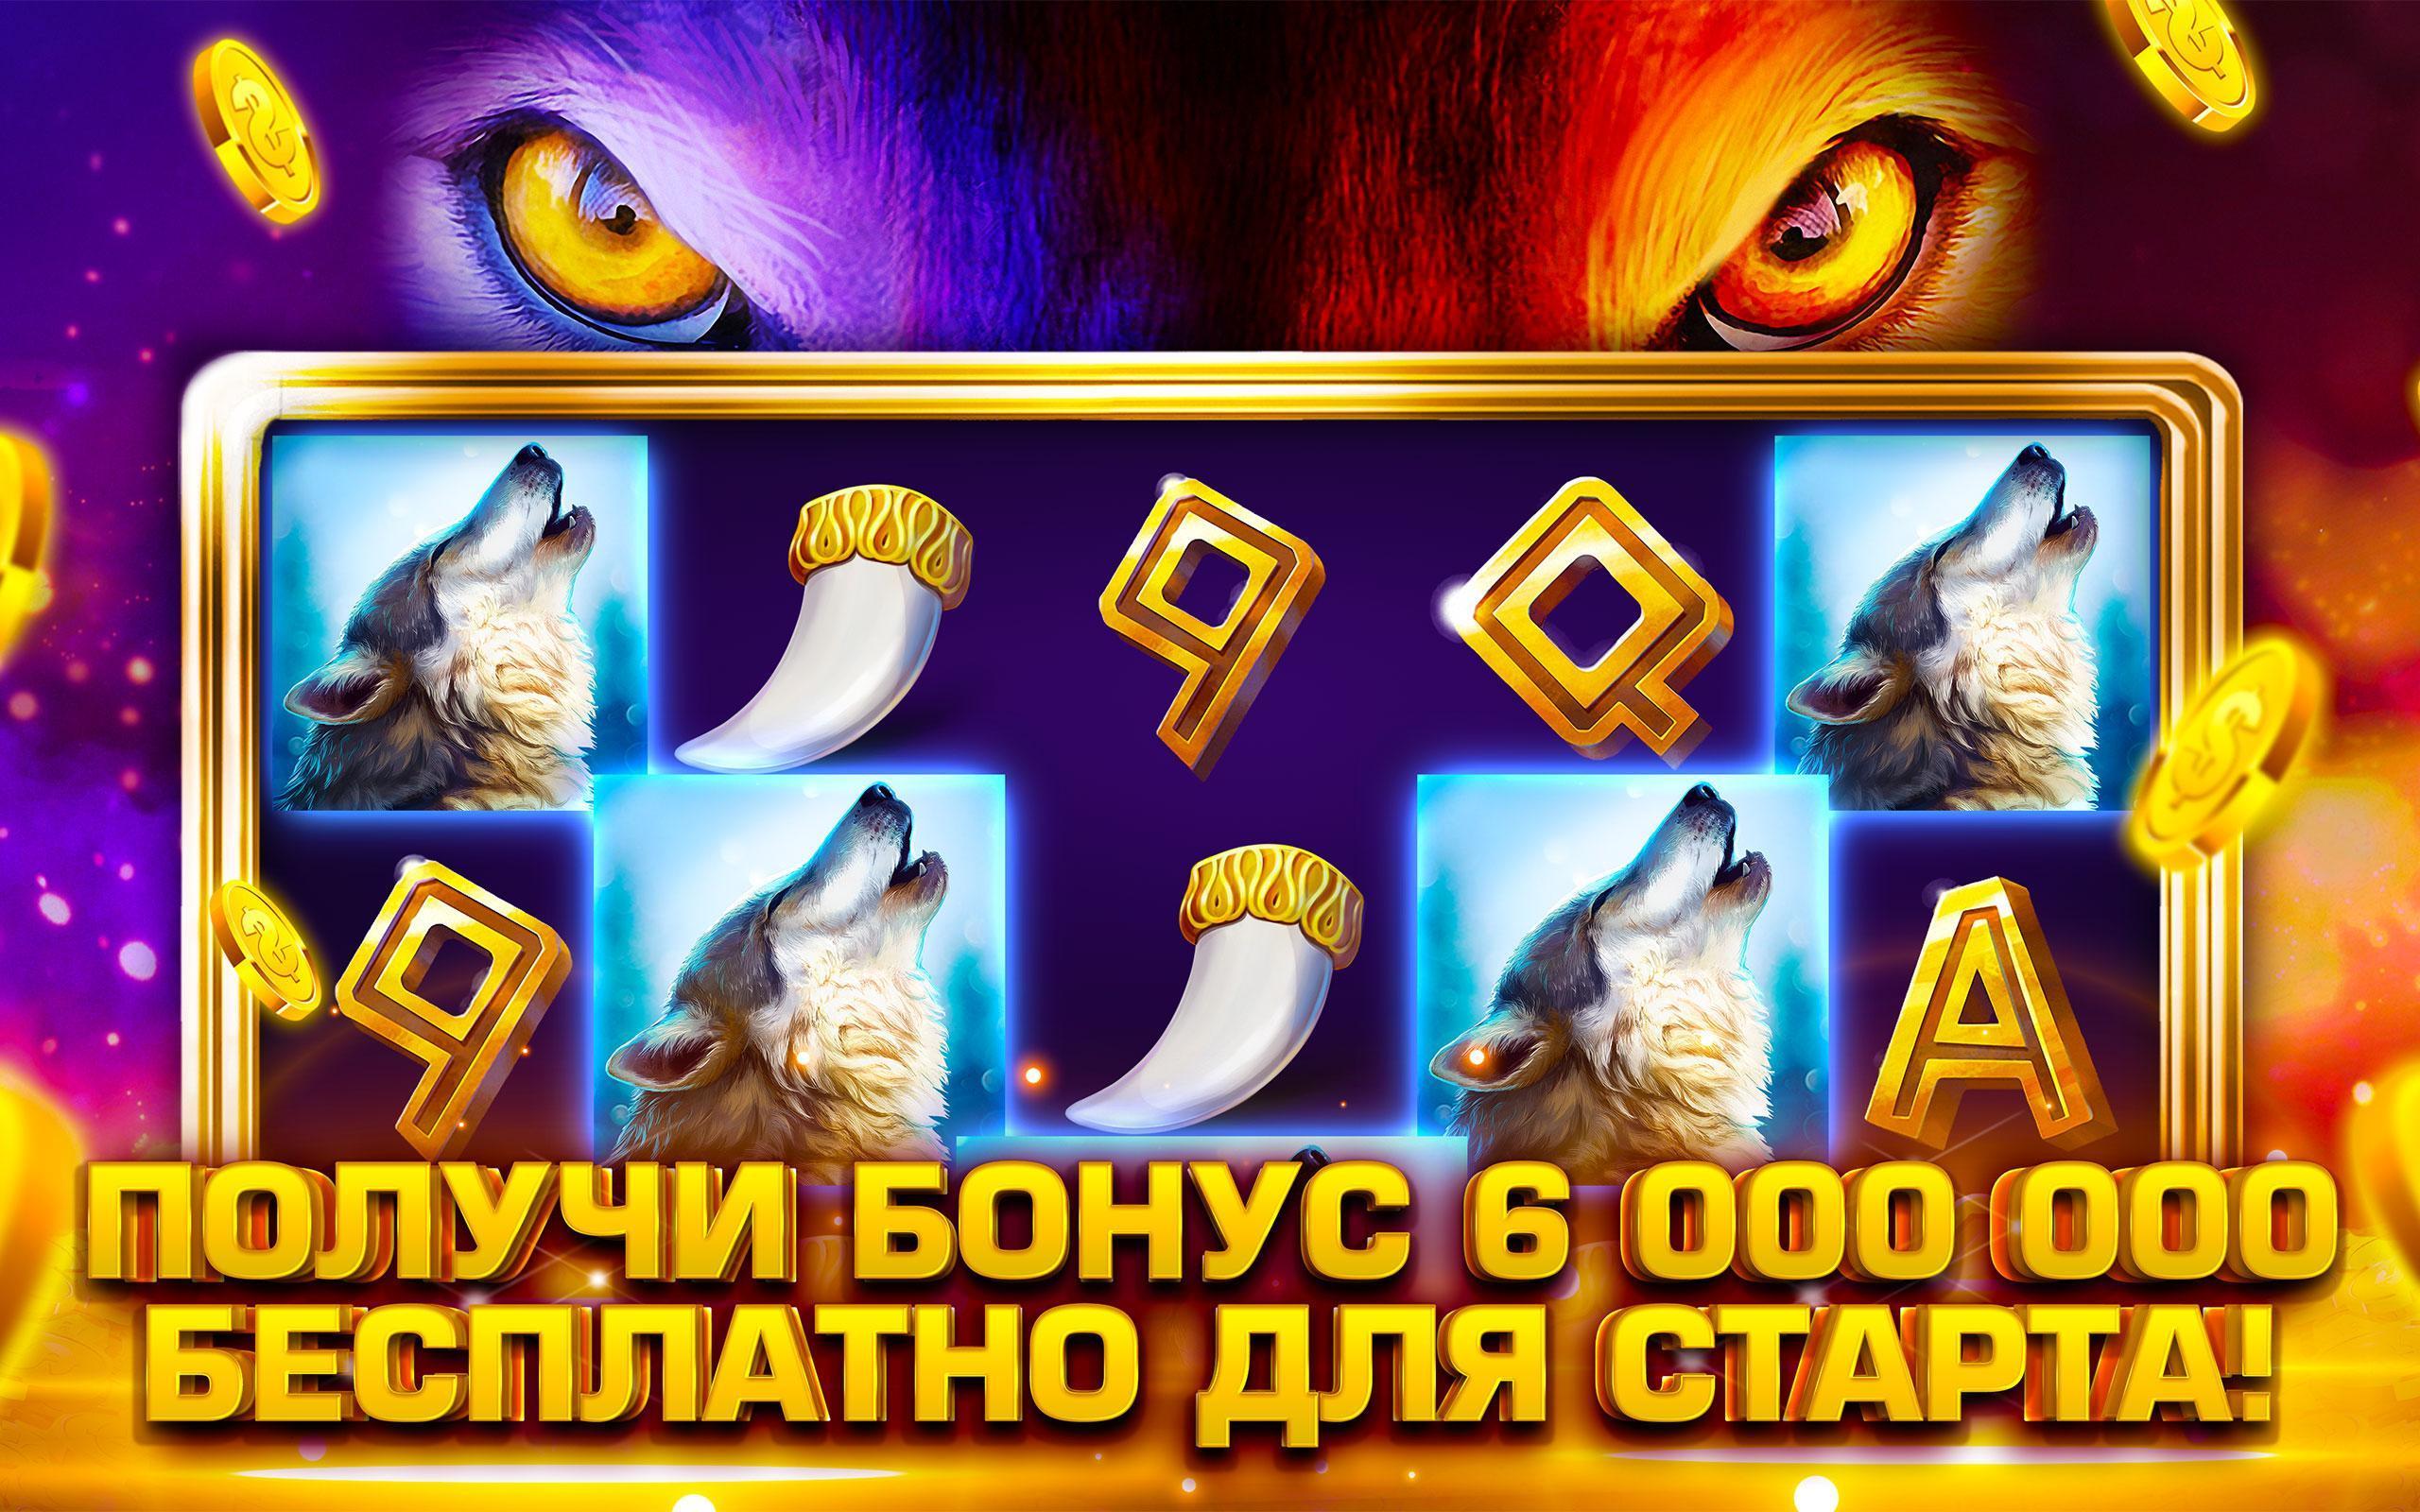 Город игровые автоматы для пк скачать бесплатно игровые автоматы лениградская область